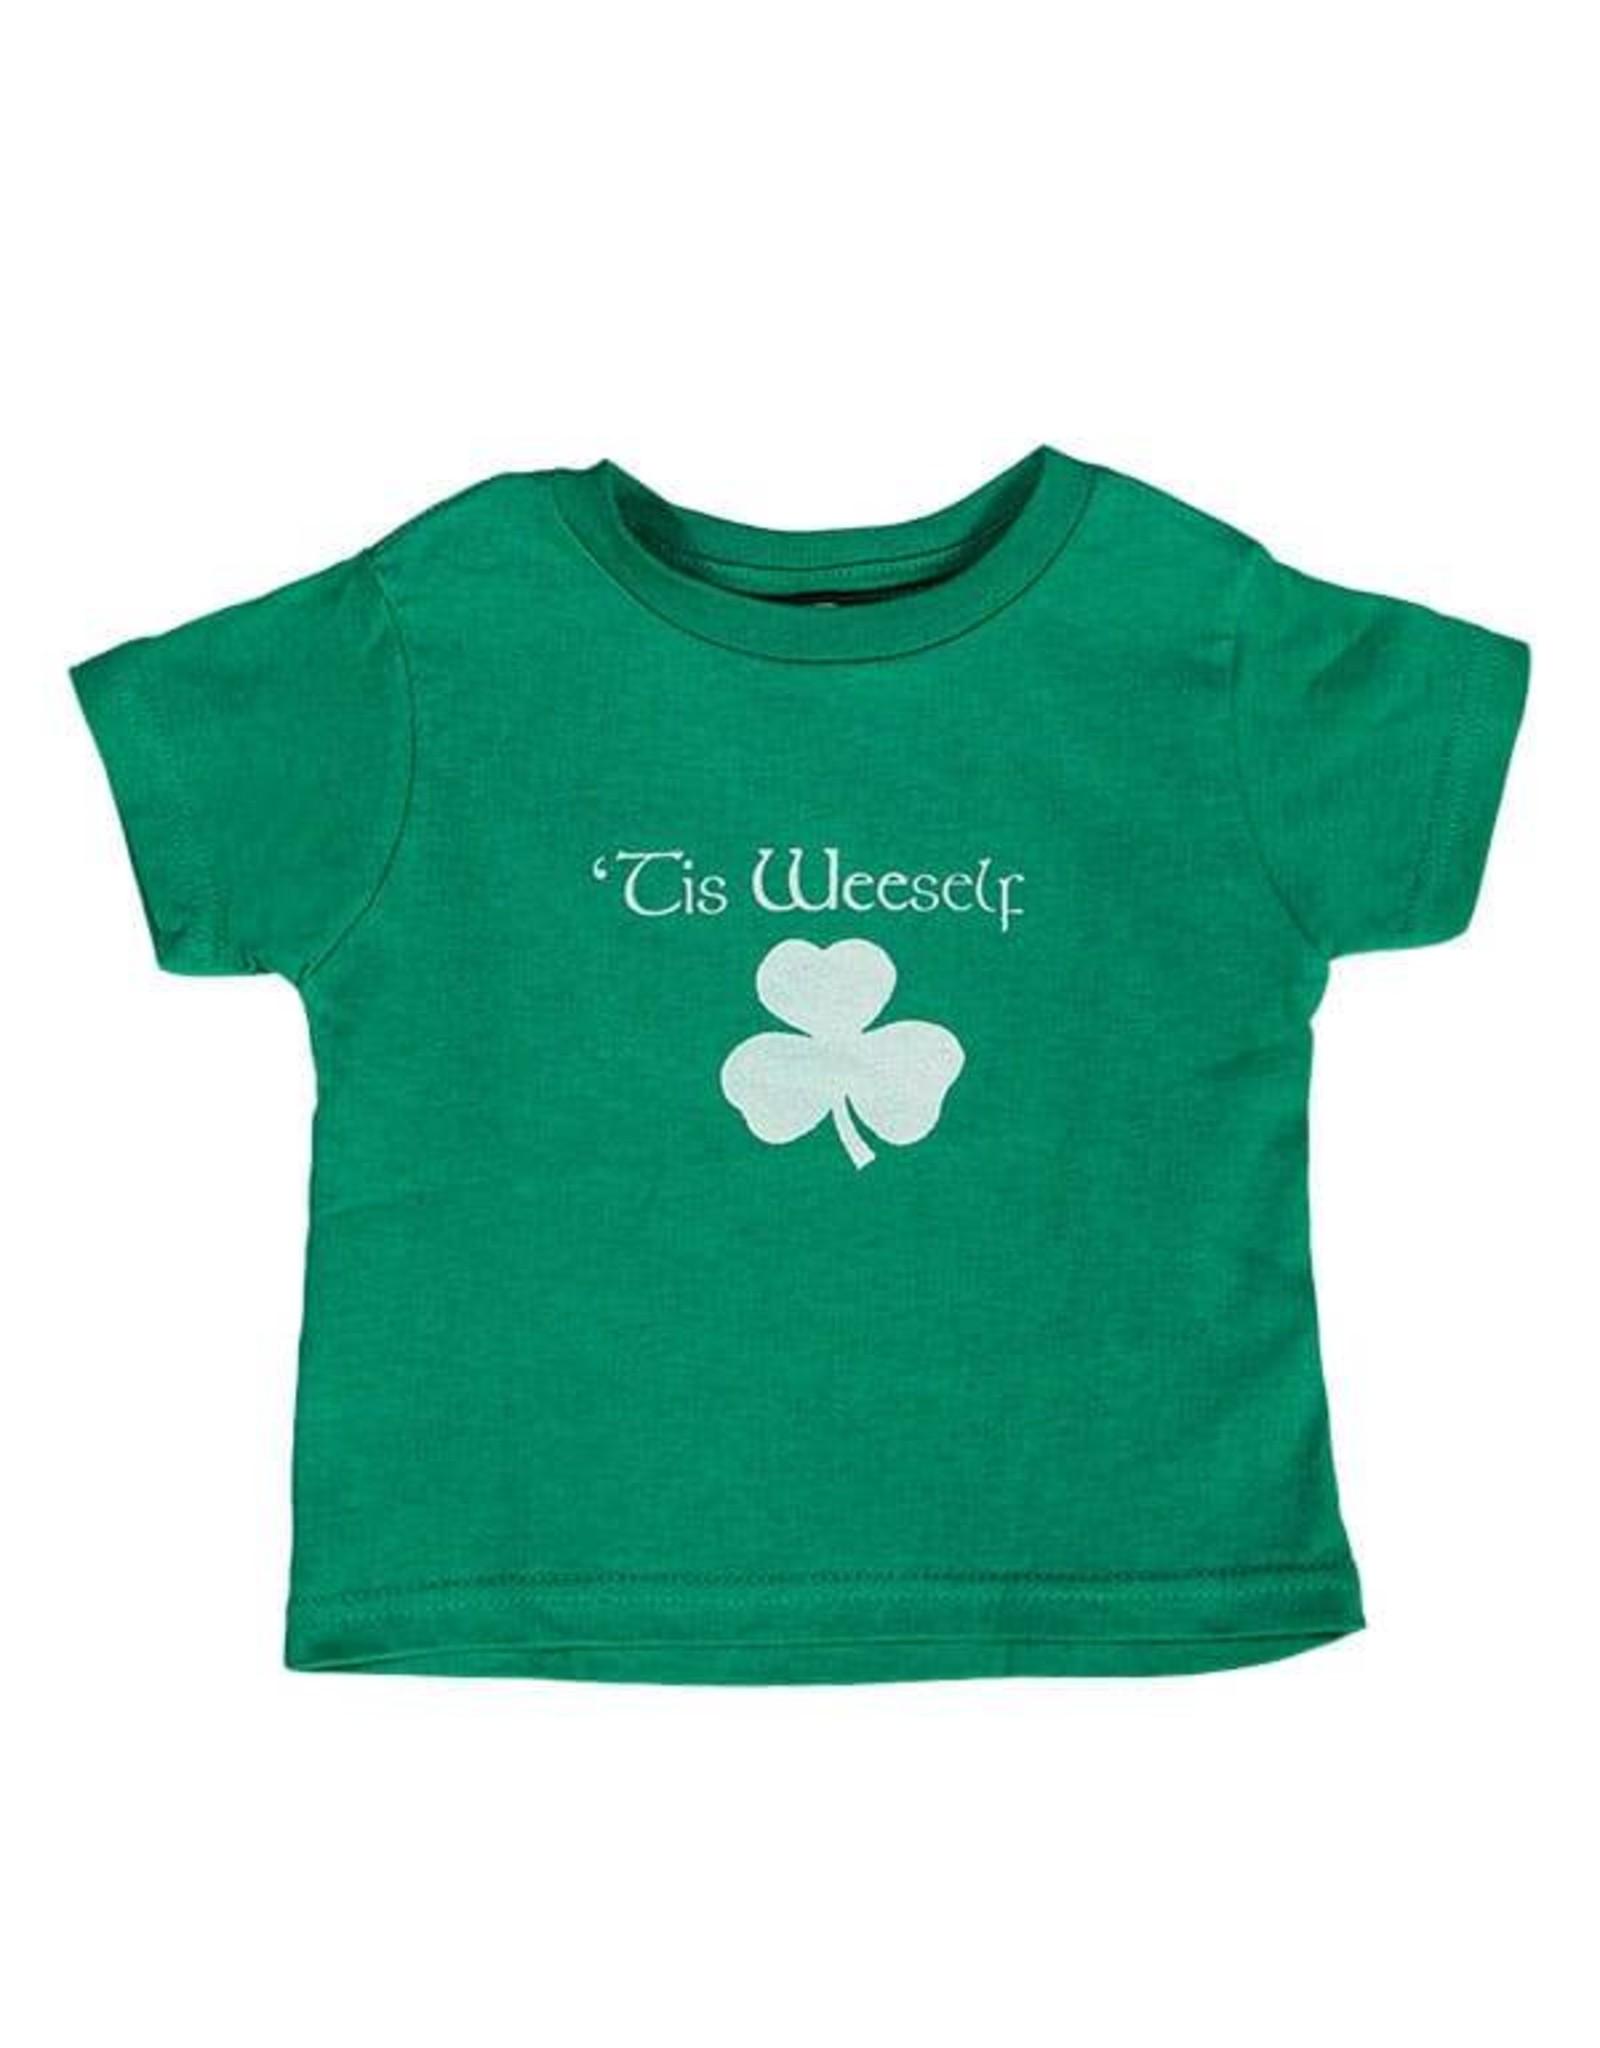 Townsend Group 'Tis Weeself Toddler T-shirt